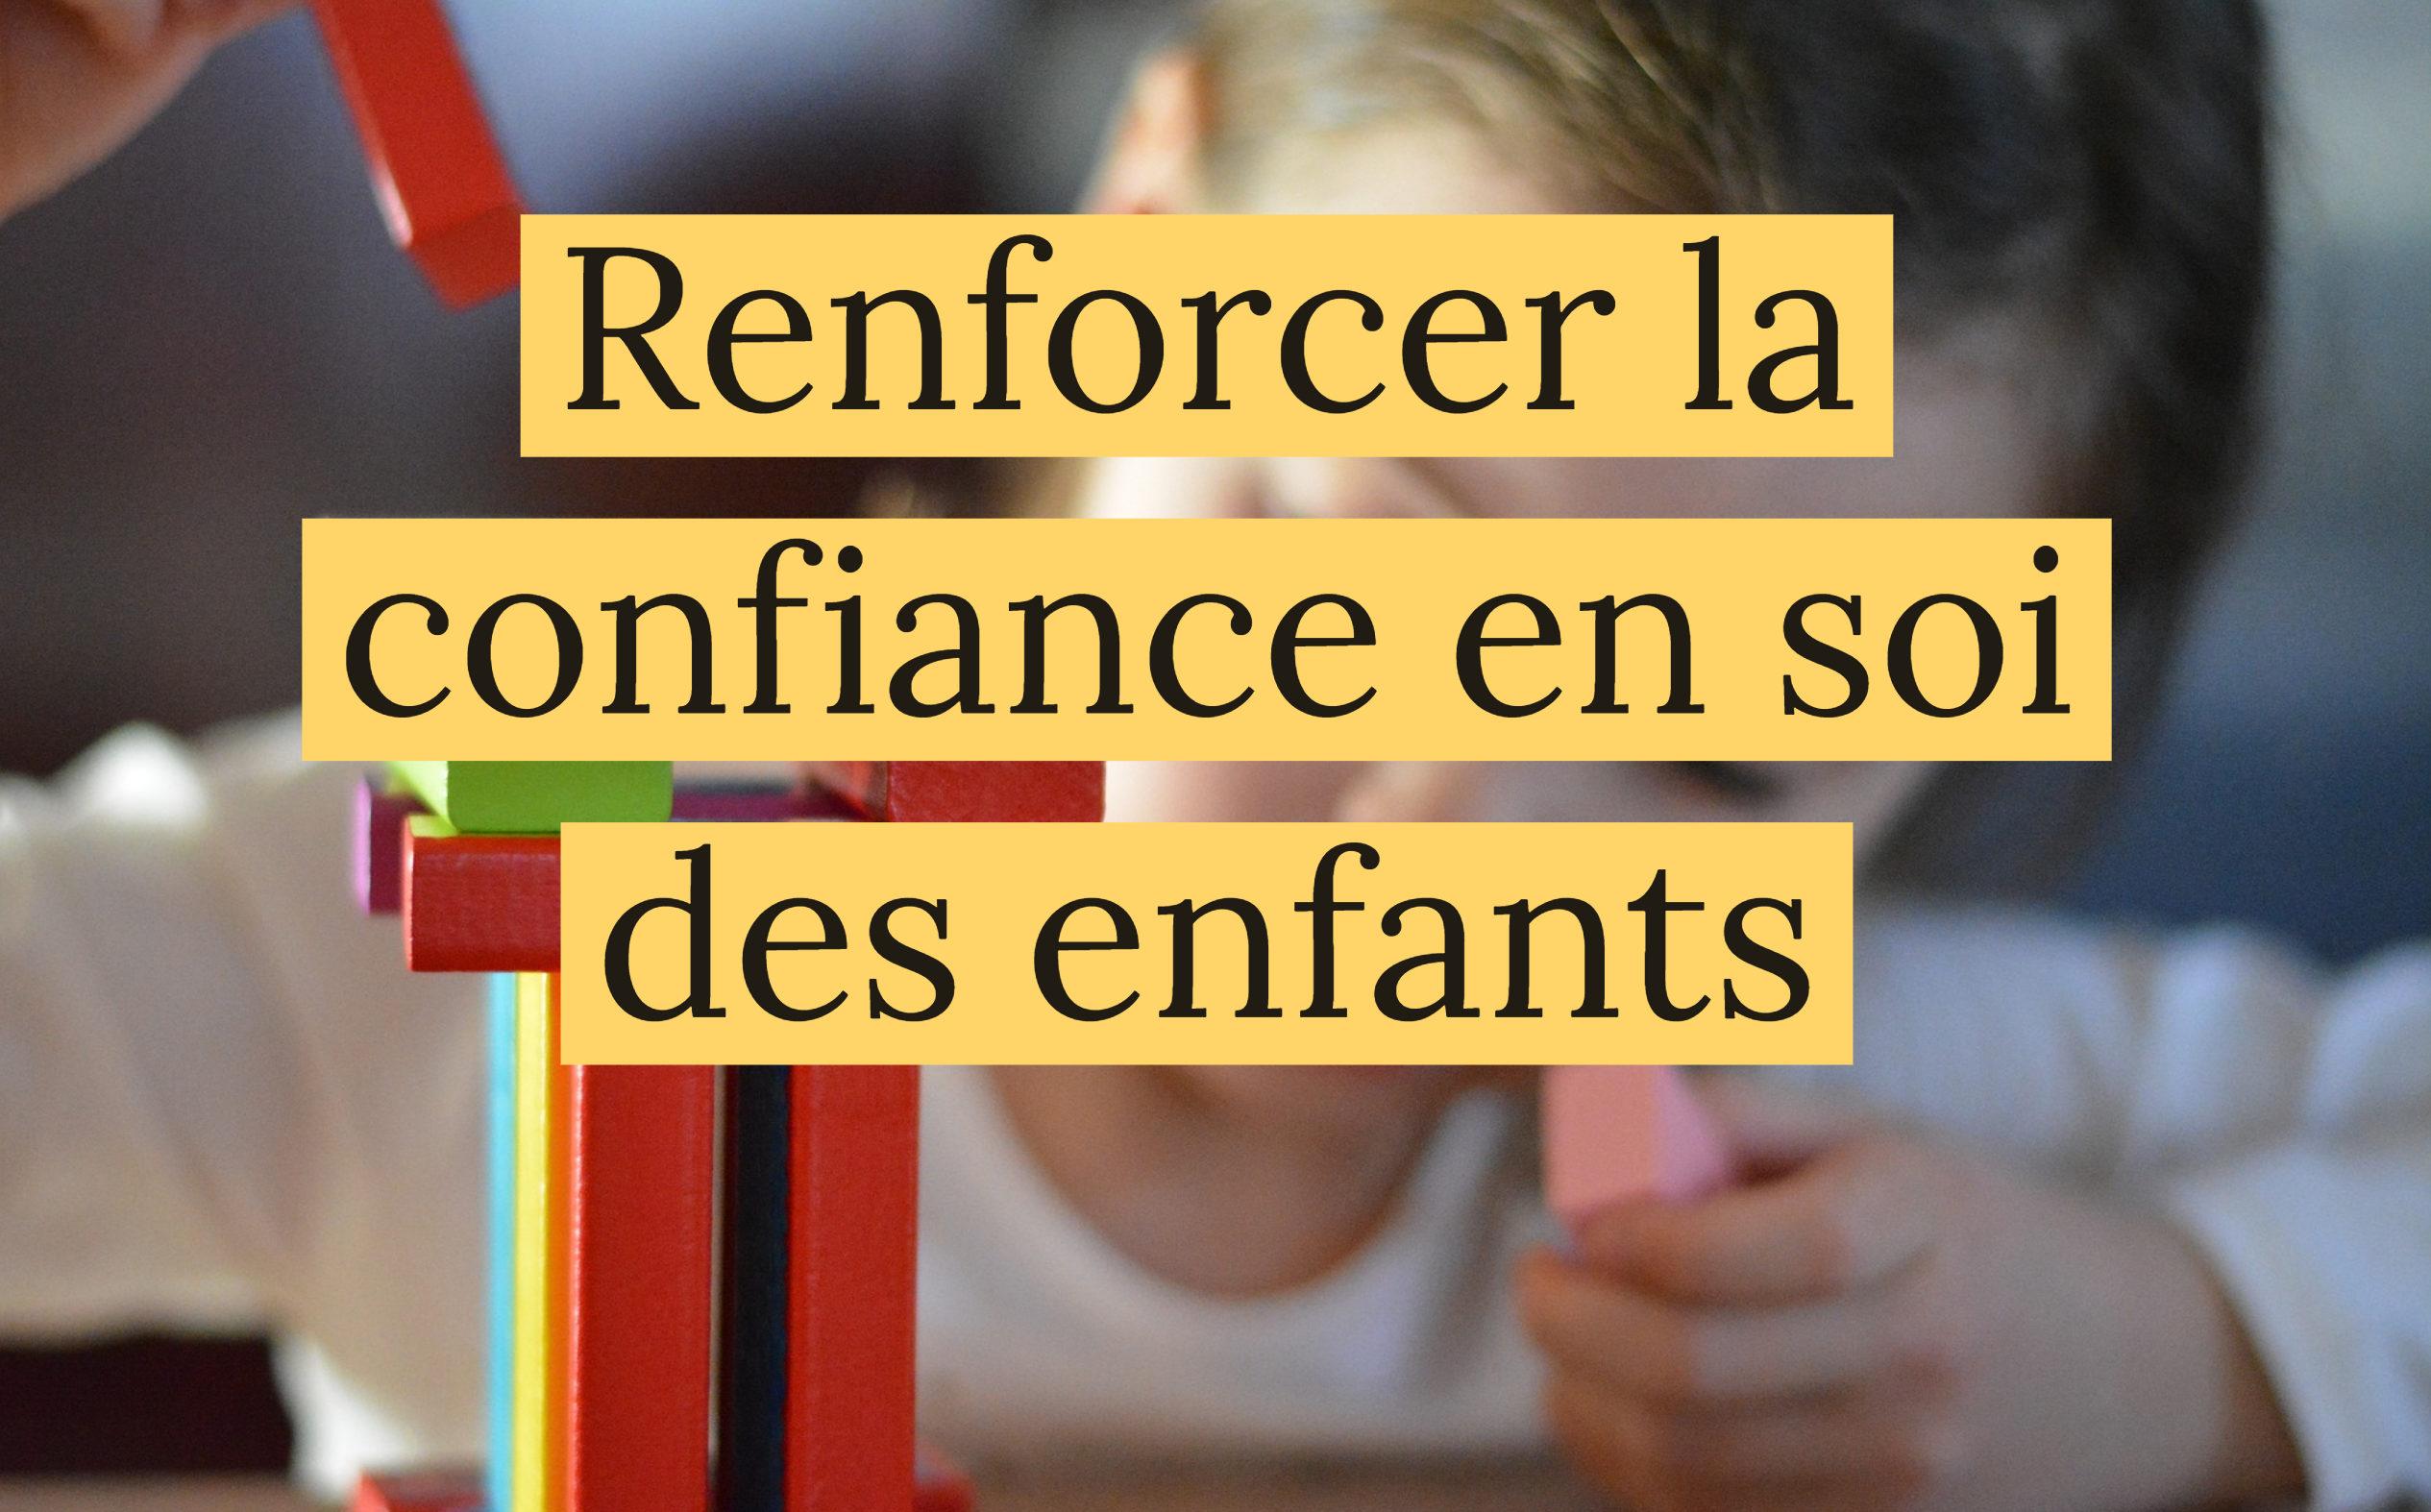 renforcer-confiance-en-soi-enfants-e1548665579827.jpg d85f930d10d